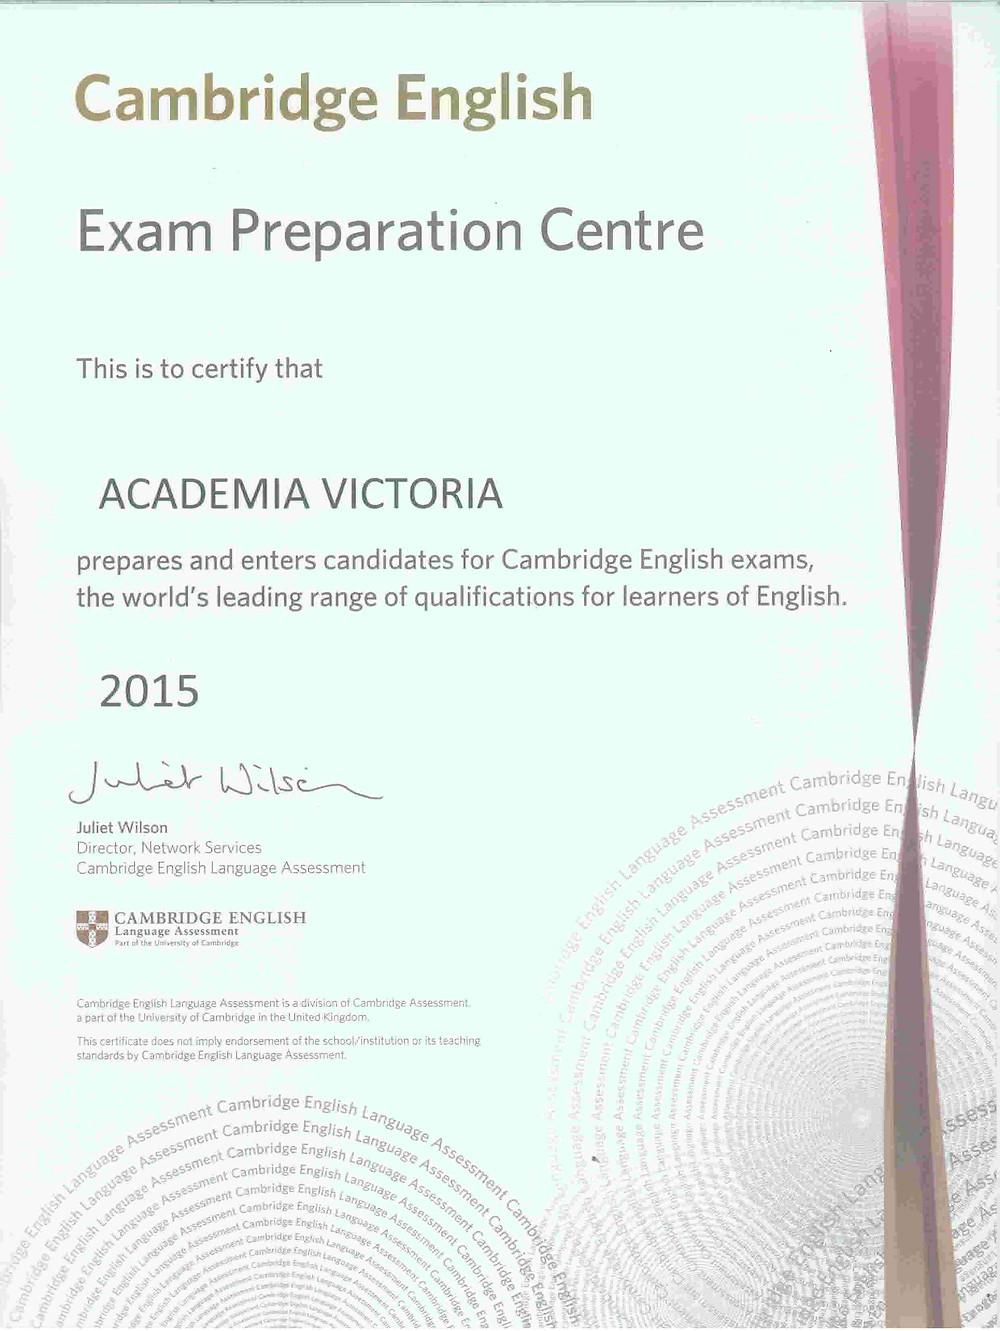 Academia_Victoria_Cenro_de_preparacioón_de_exámenes.JPG